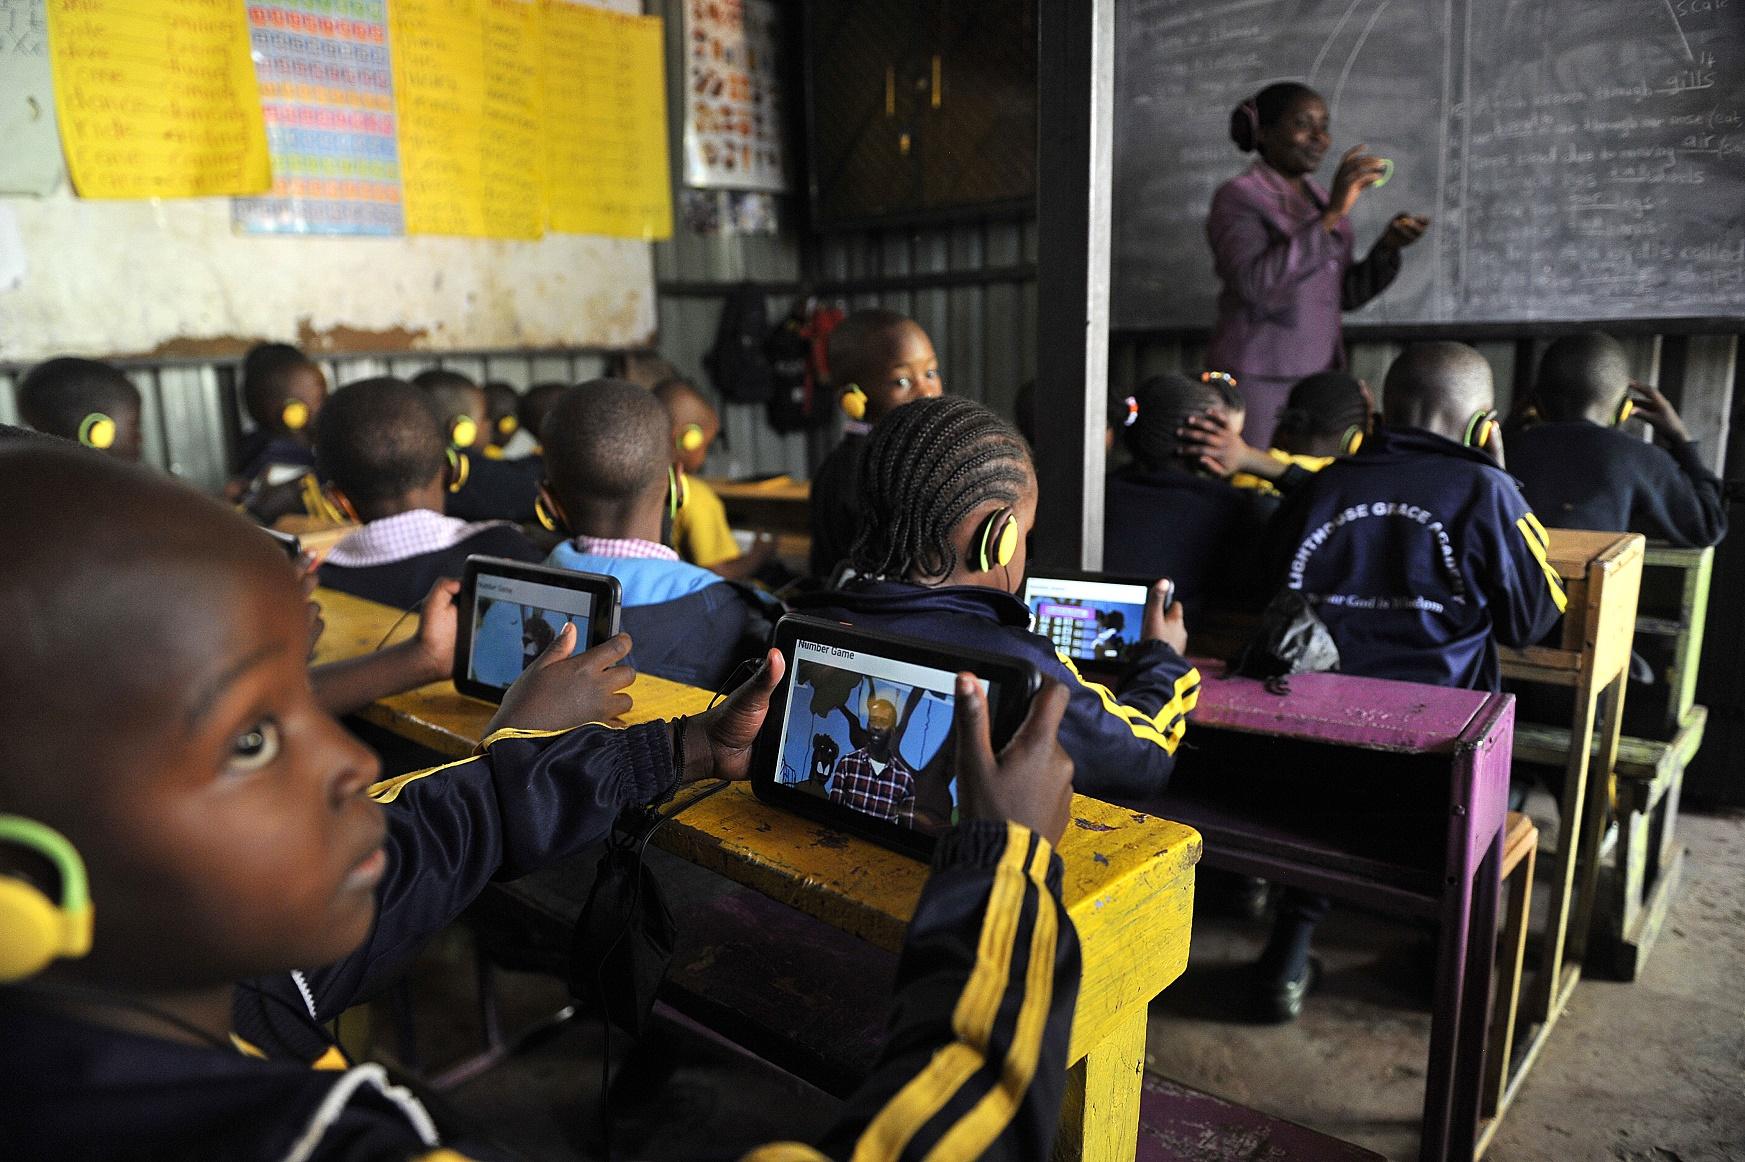 Crianças numa escola de Nairóbi, no Quênia, usam um modelo de tablet criado por uma empresa local